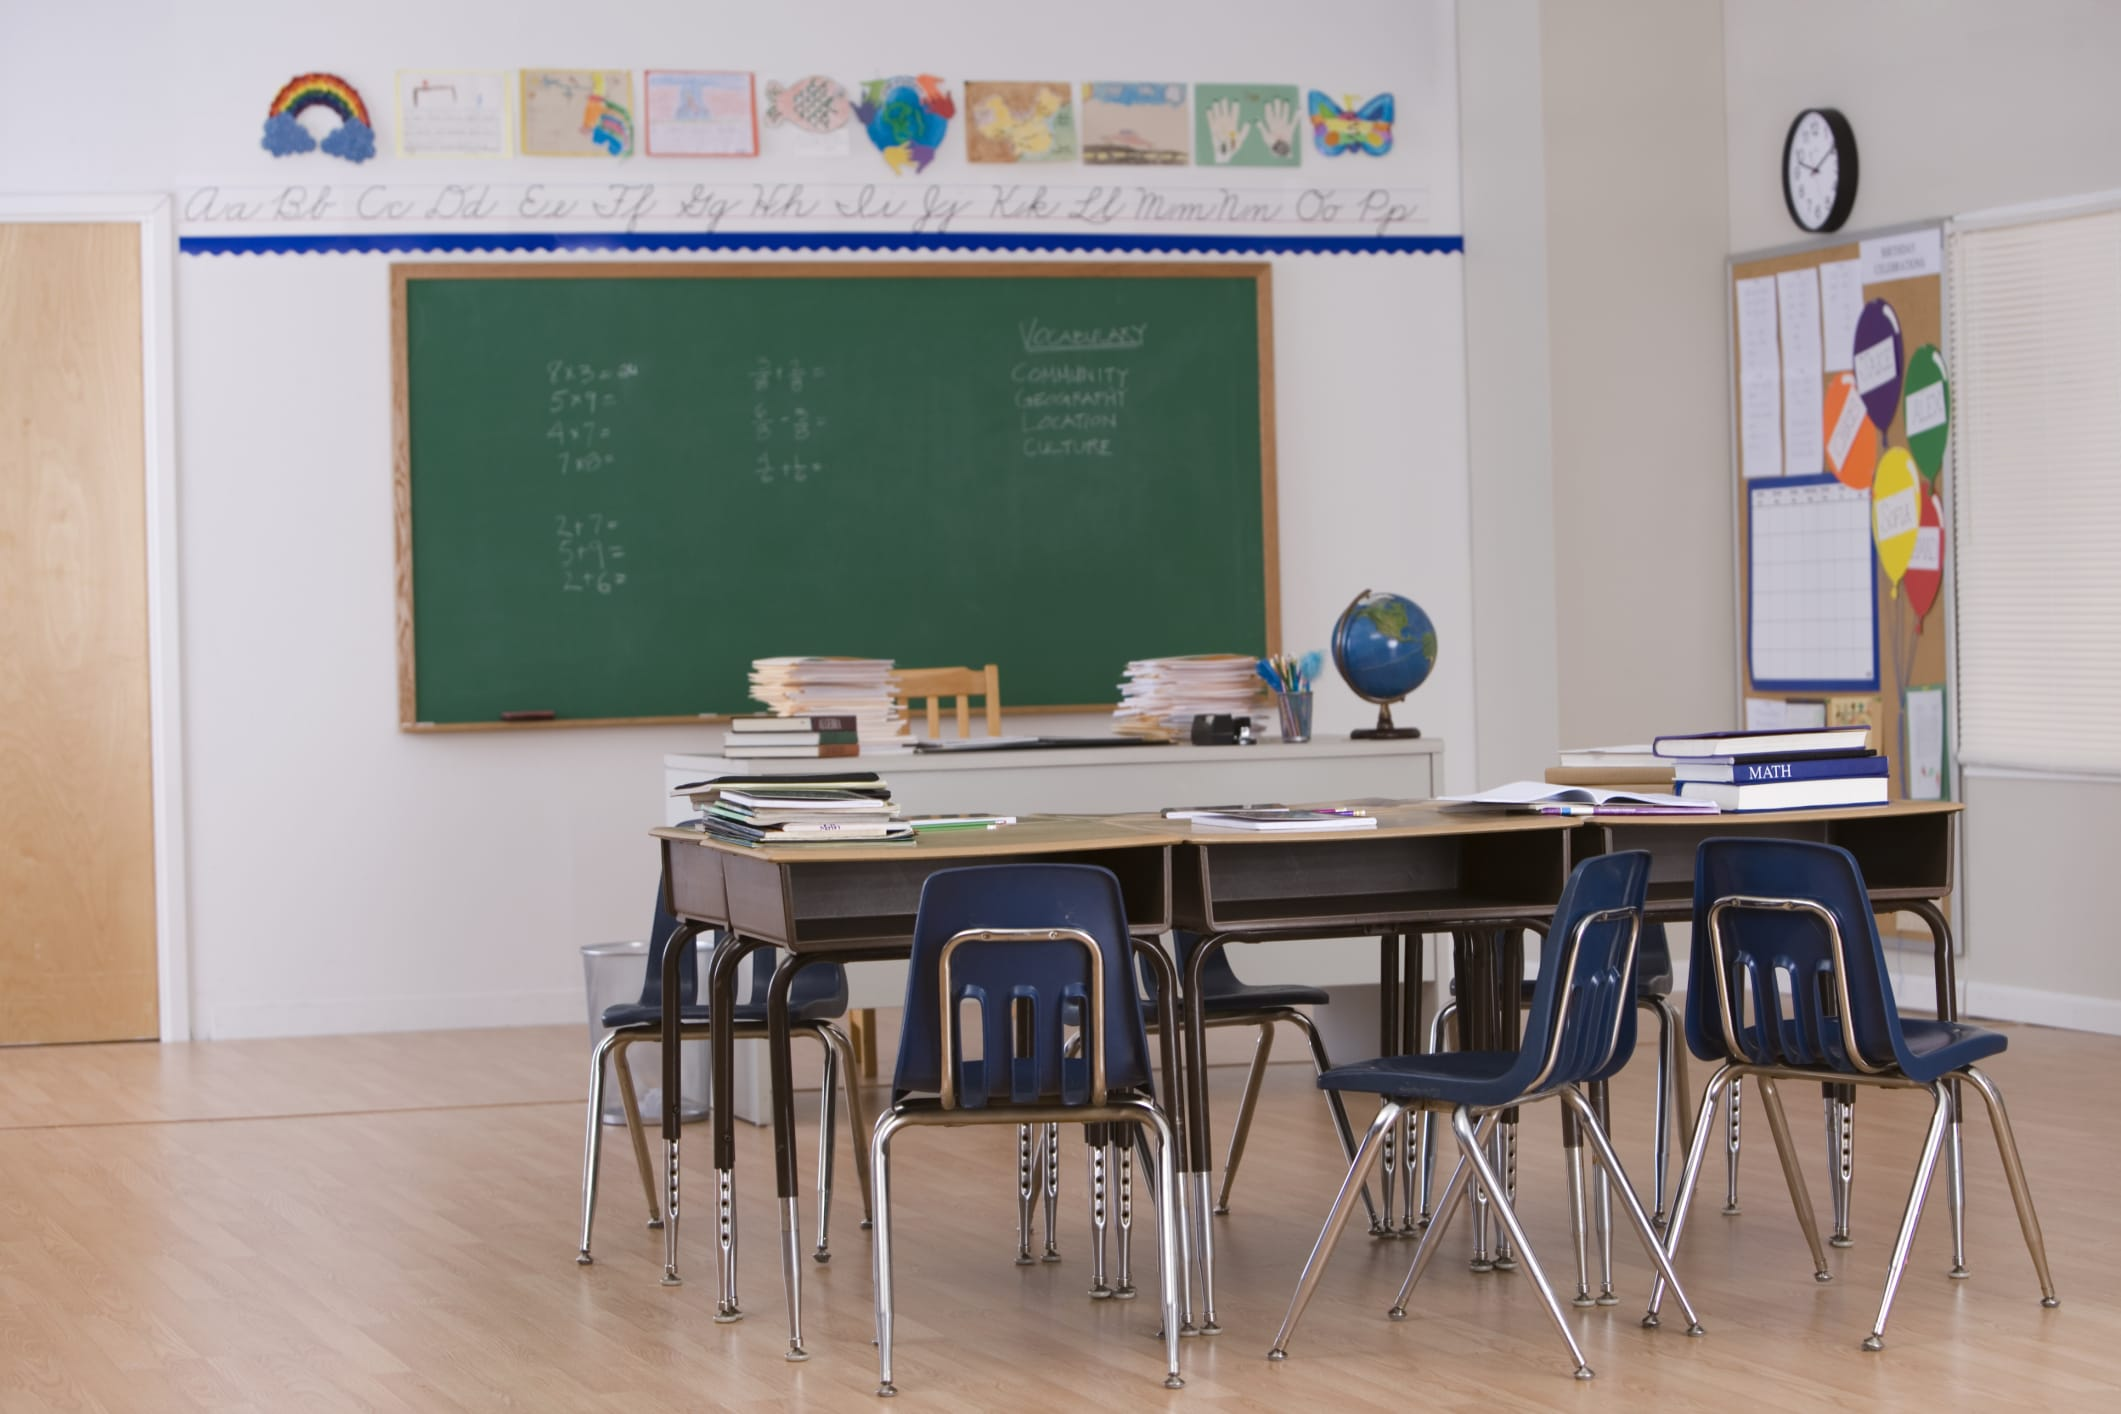 Educazione alla sostenibilità a scuola: il progetto del Liceo Socrate di Roma